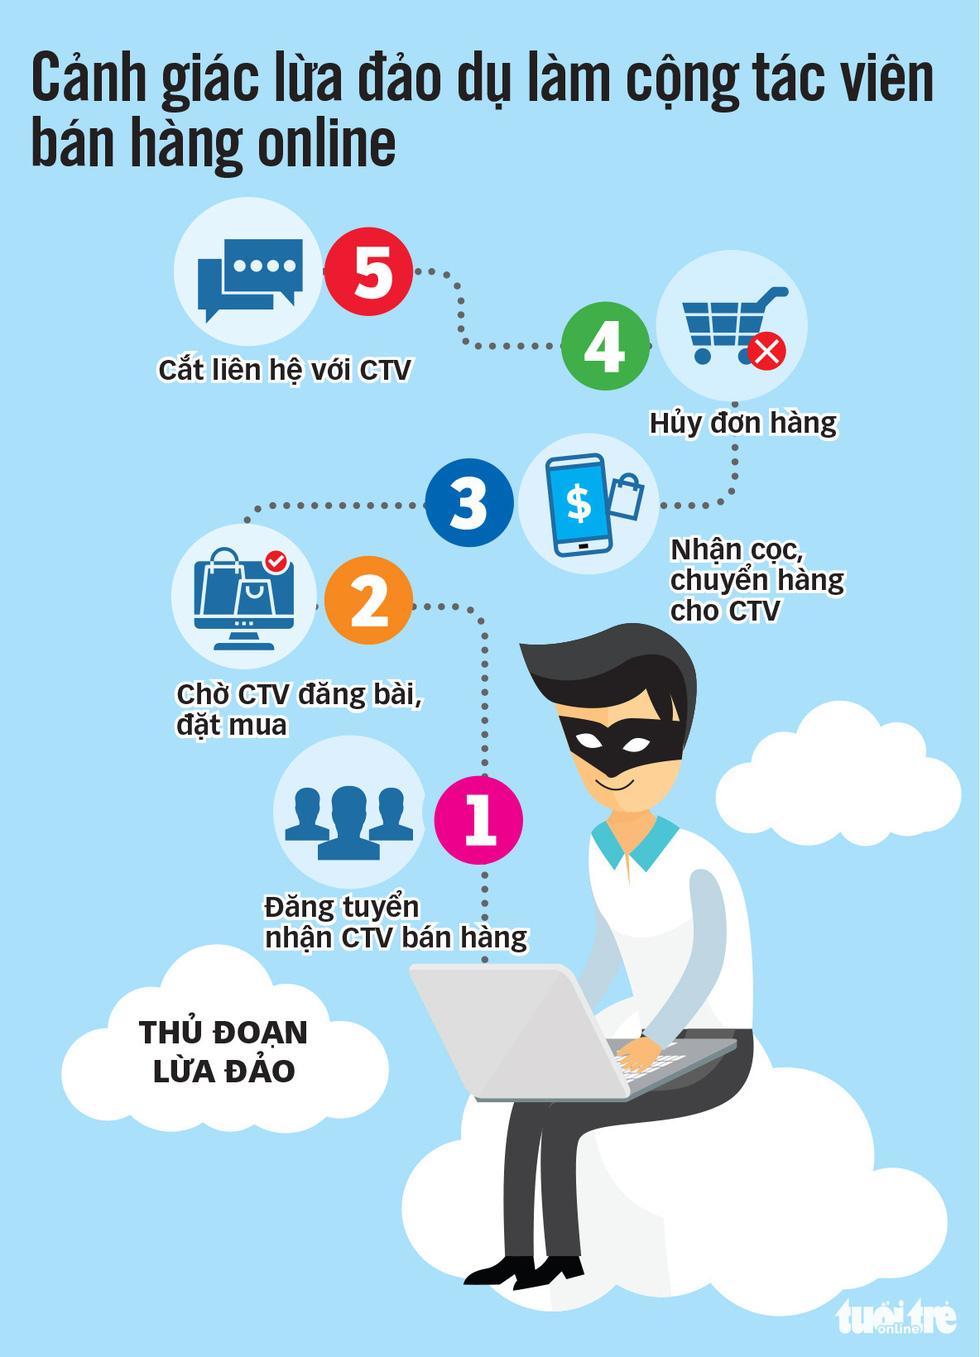 Dịch lừa đảo bán hàng online bùng phát trong mùa dịch COVID-19 - Ảnh 4.